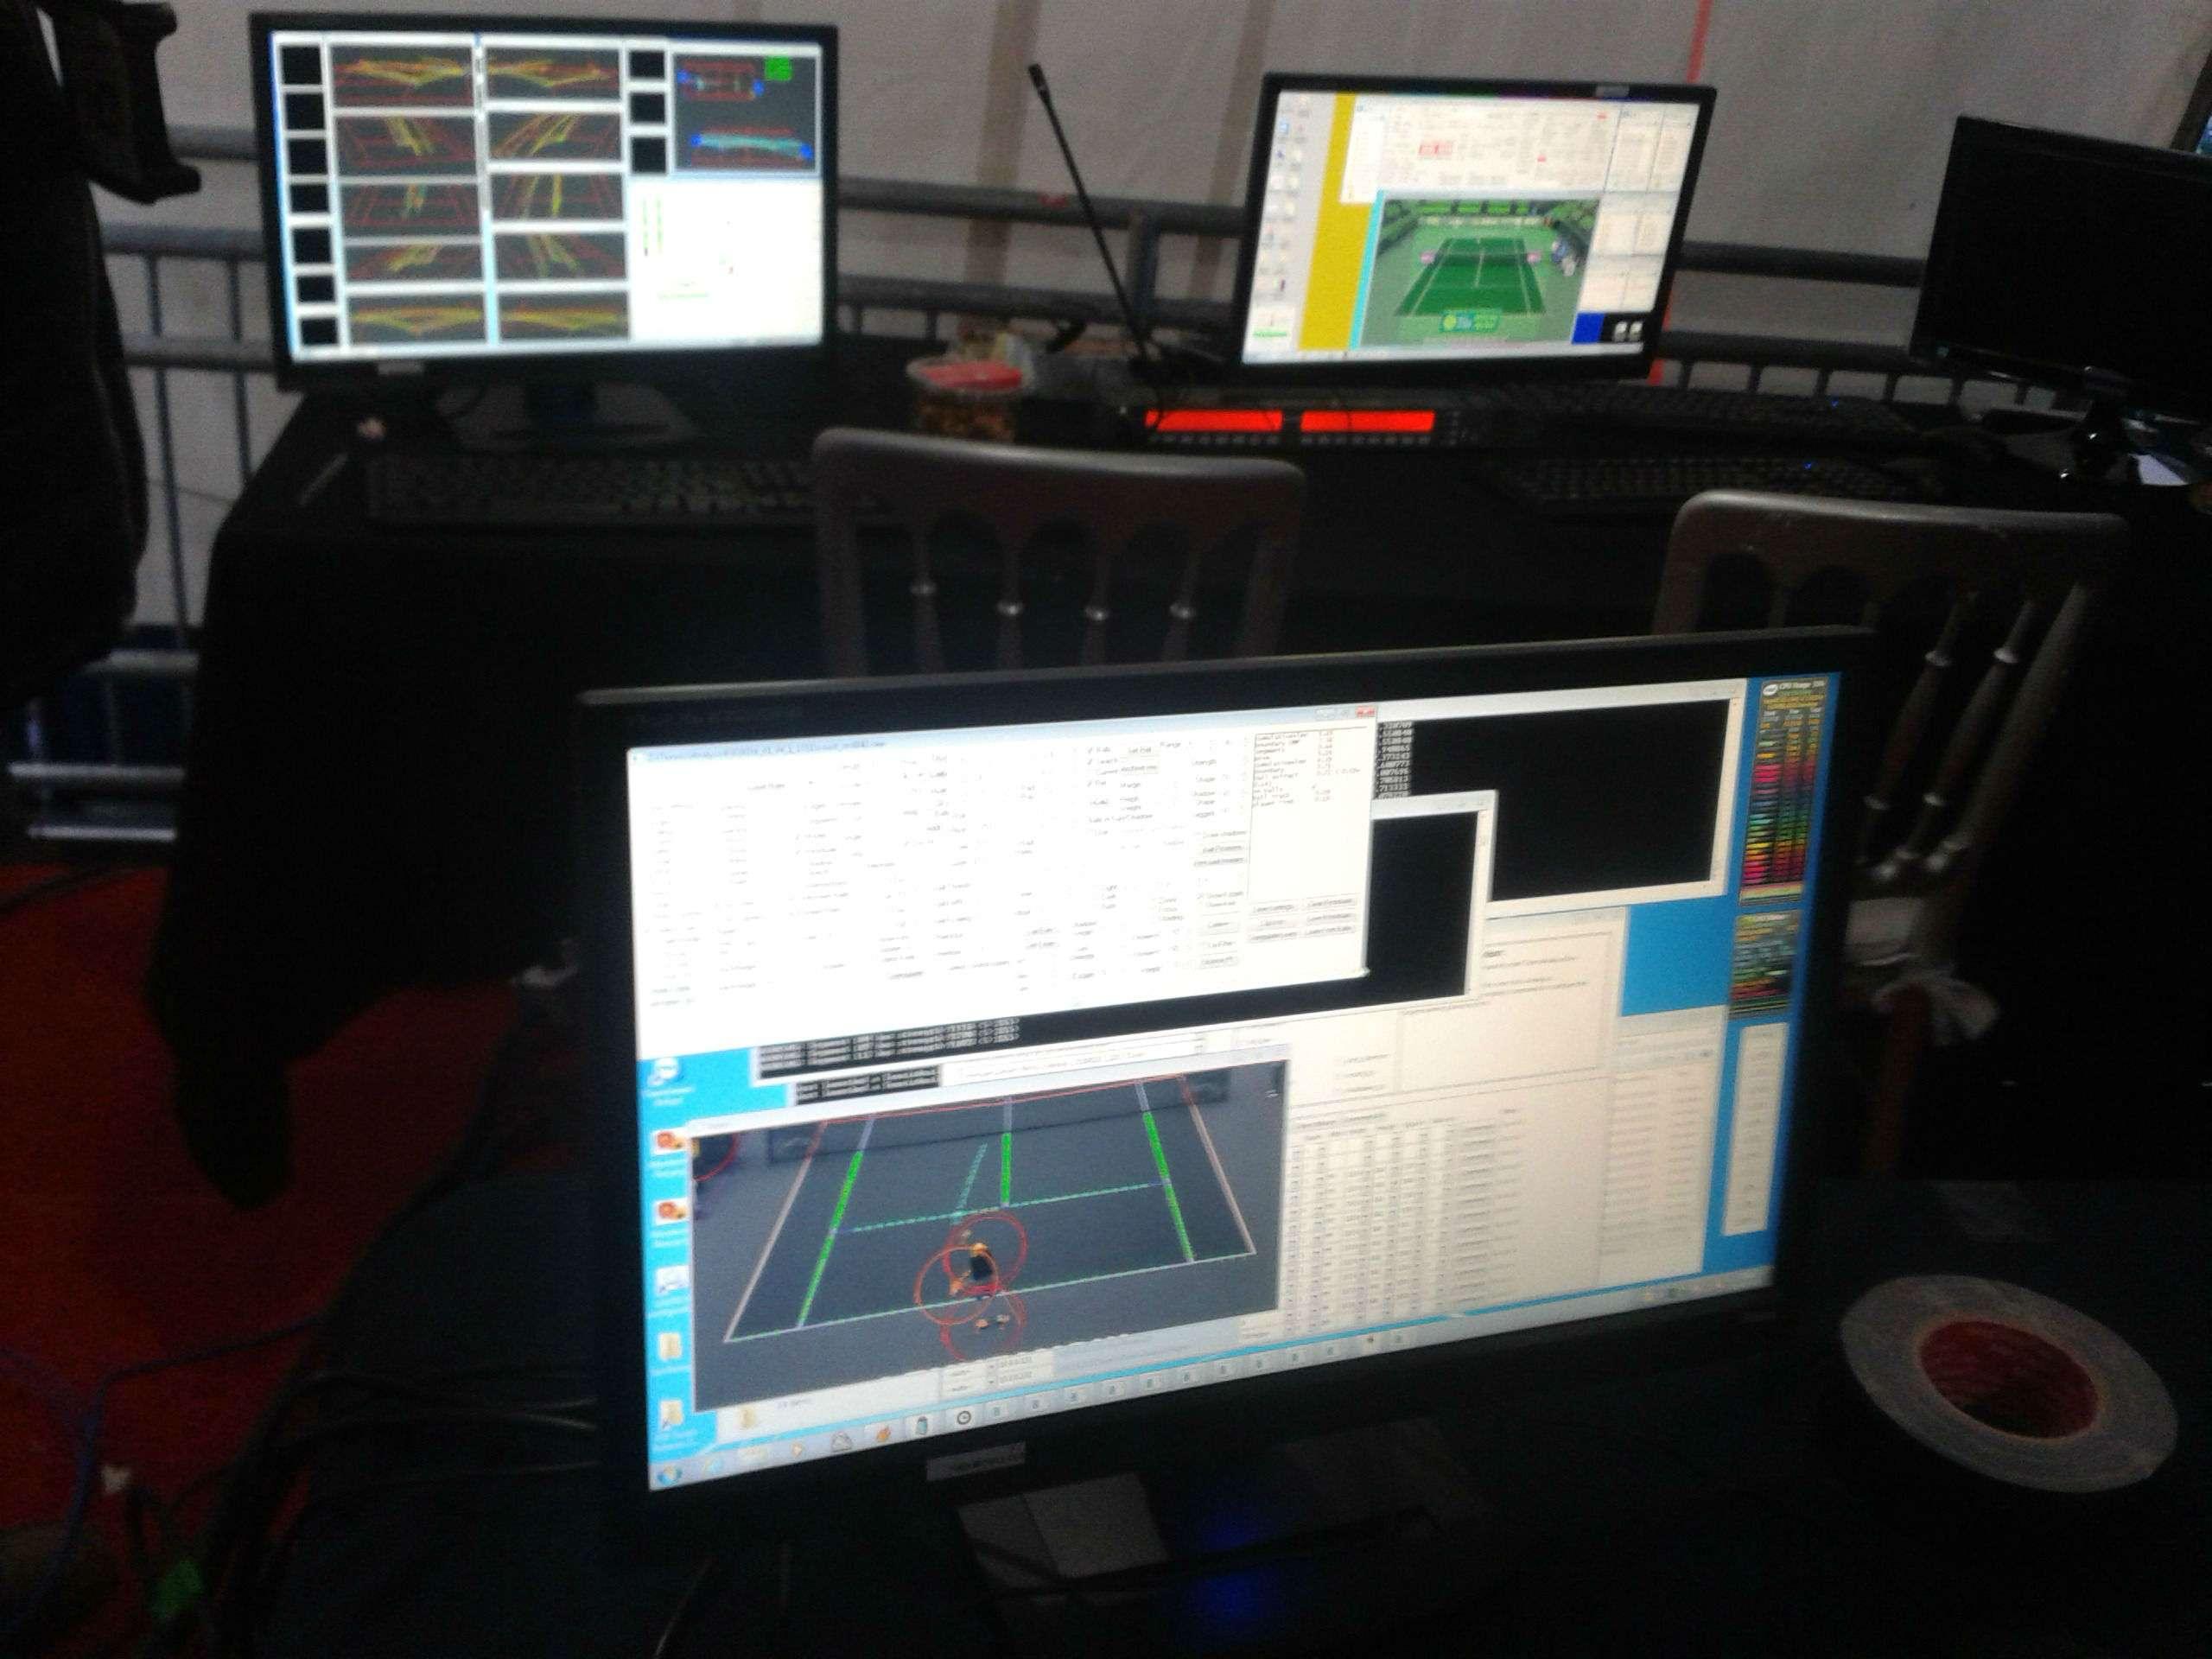 El sistema Ojo de Halcón será usado por primera vez en el Abierto de Tenis Monterrey. Foto: Terra